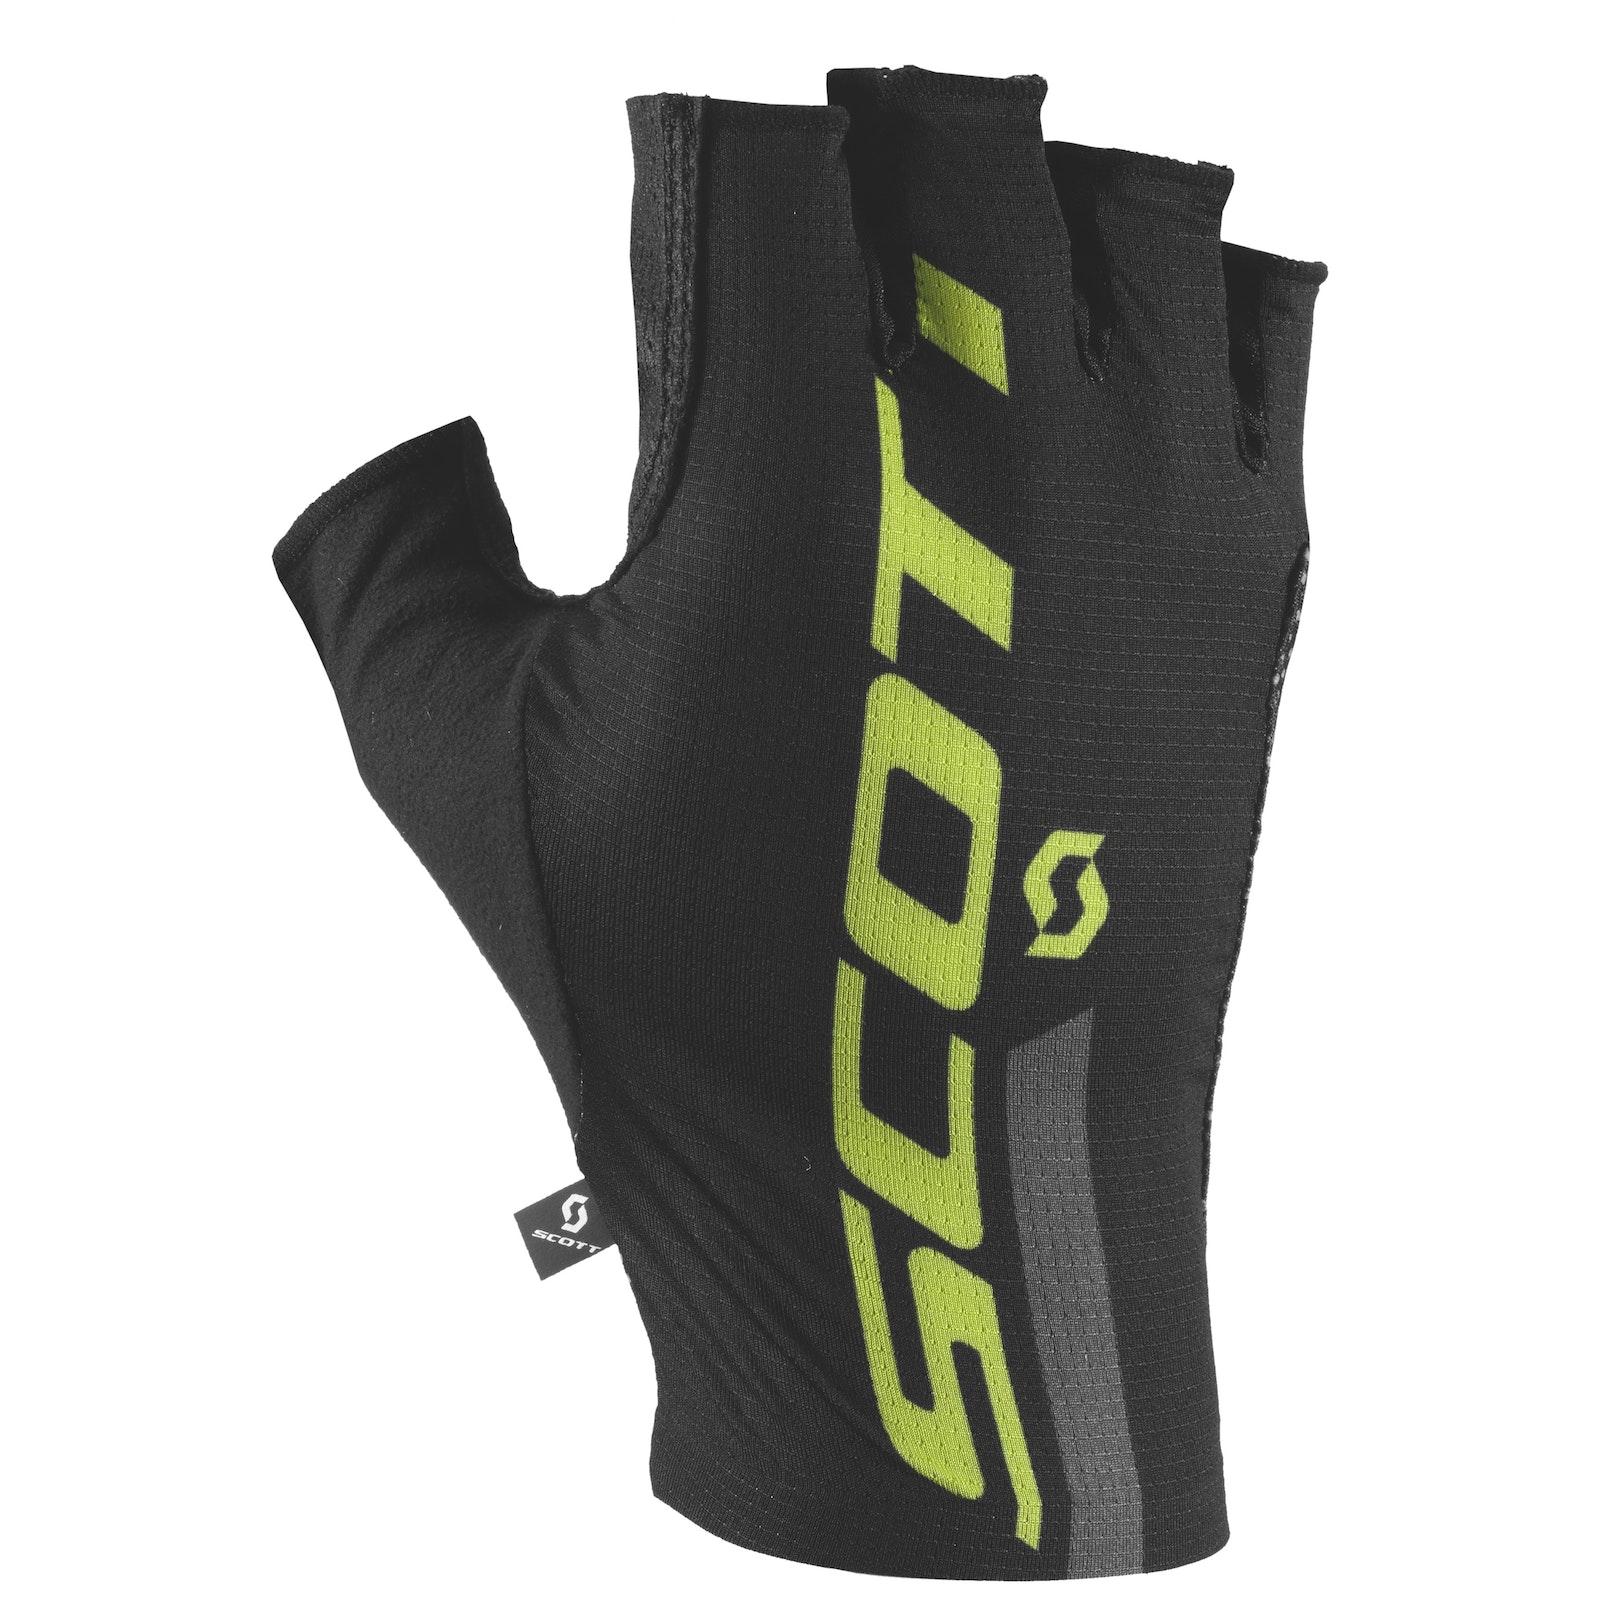 Scott Glove RC Premium Protec SF